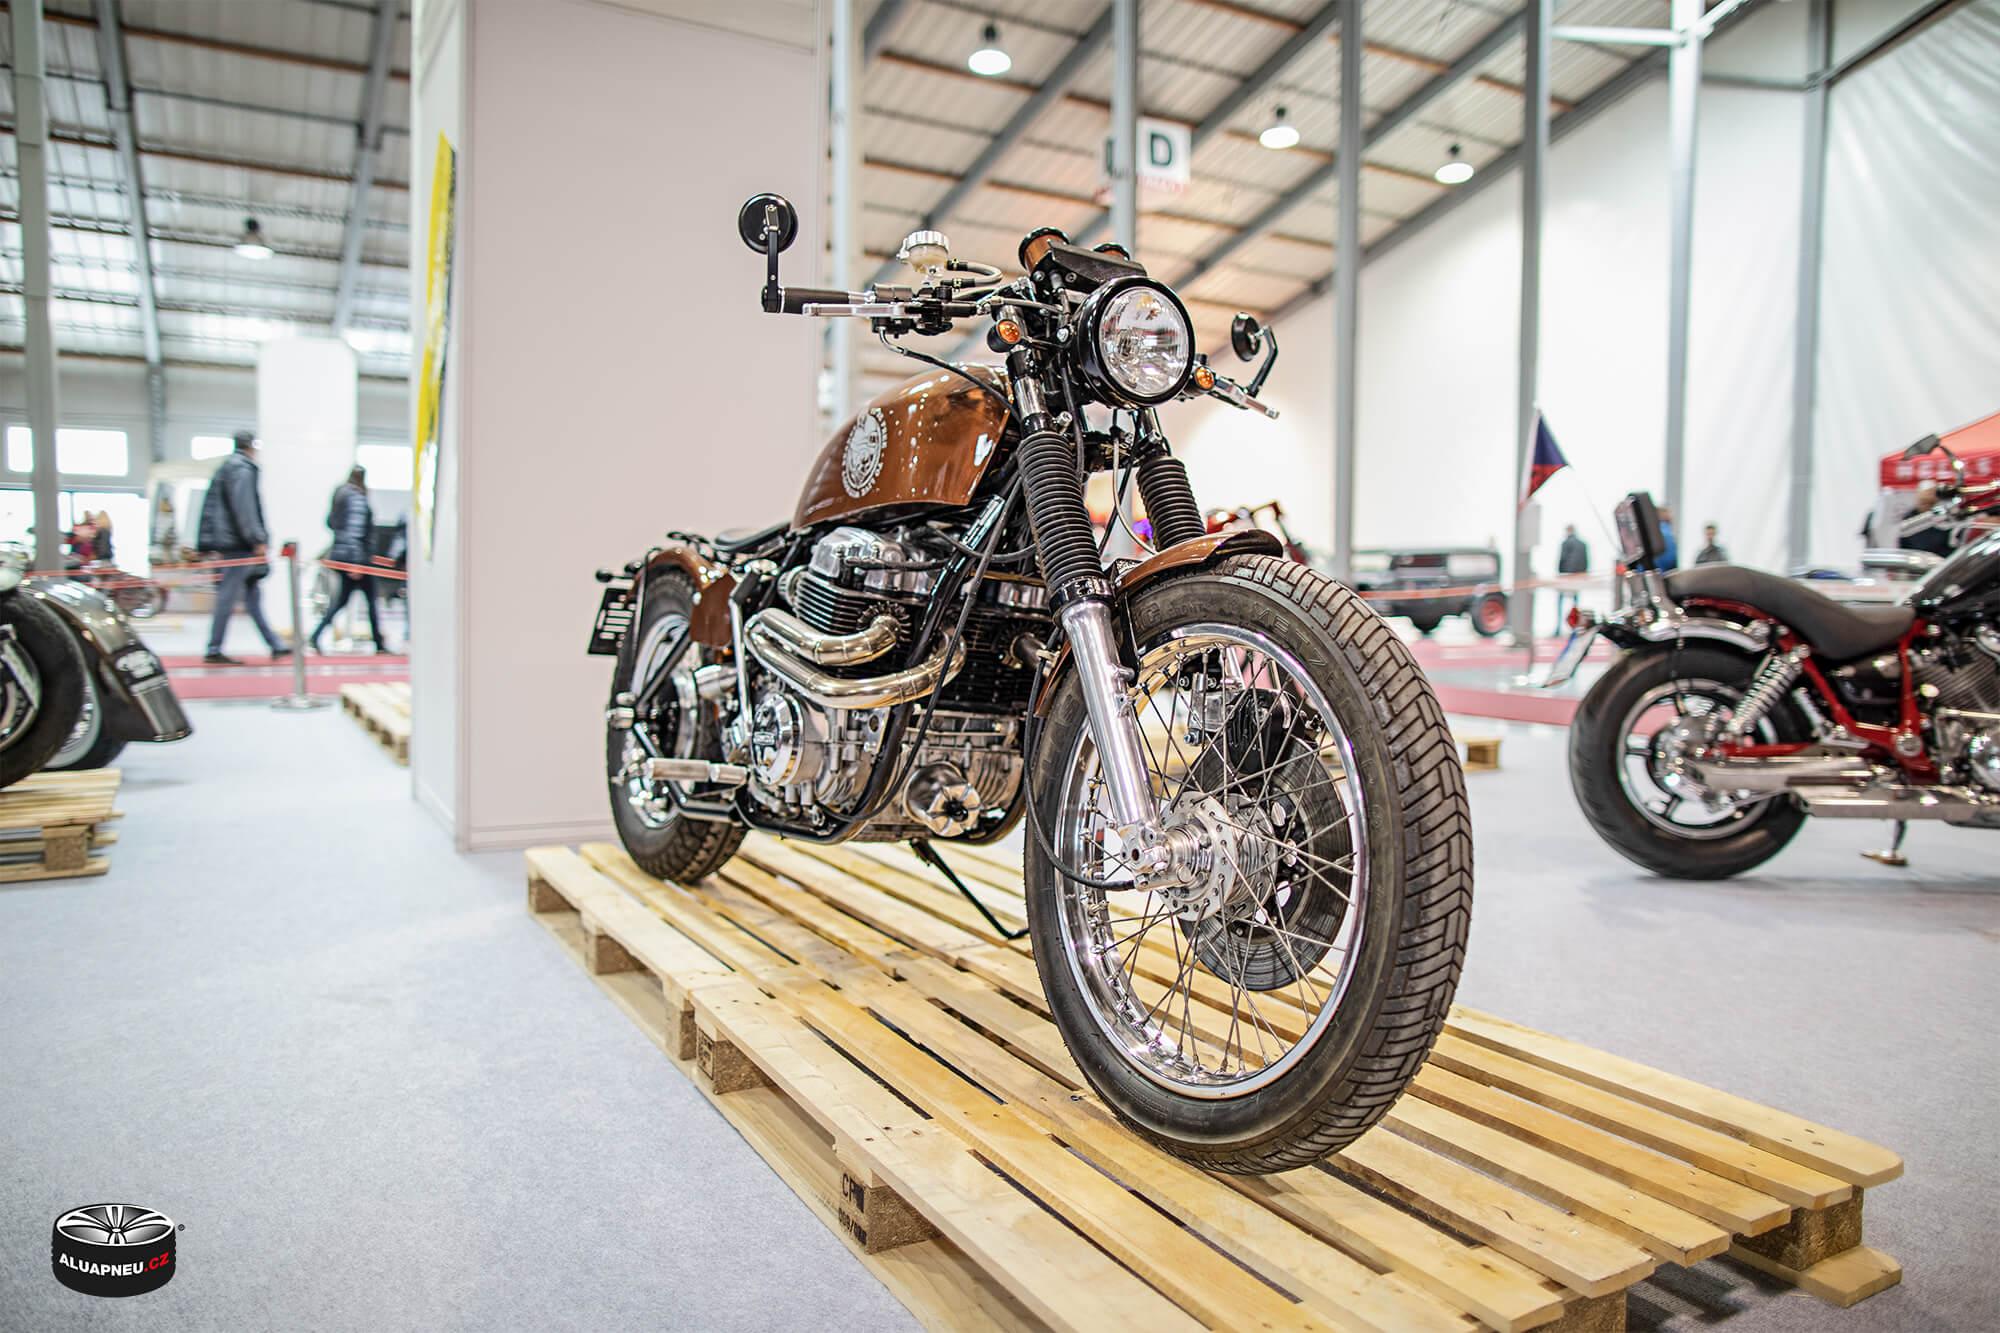 Moto - Autosalon Praha 2019 - www.aluapneu.cz